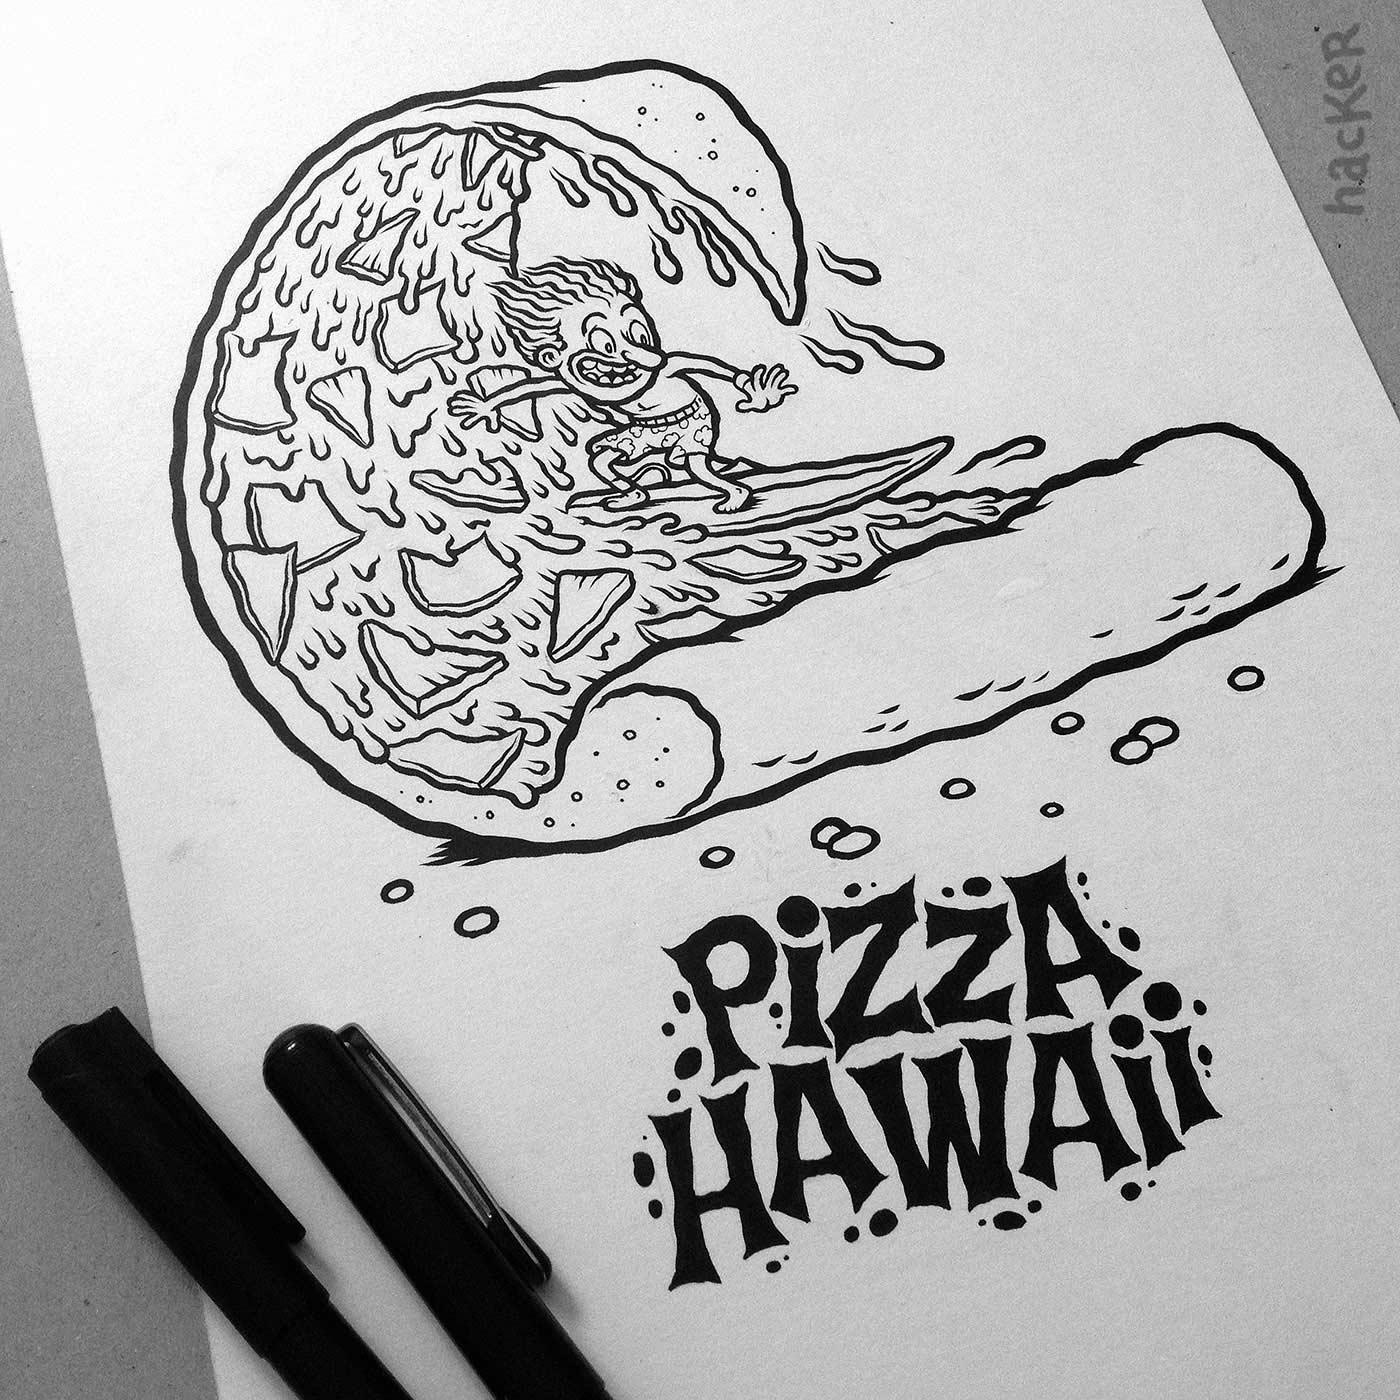 Ein Cartoonbuch voll kulinarischer Wortwitze Pizzeria-Disgusto_04